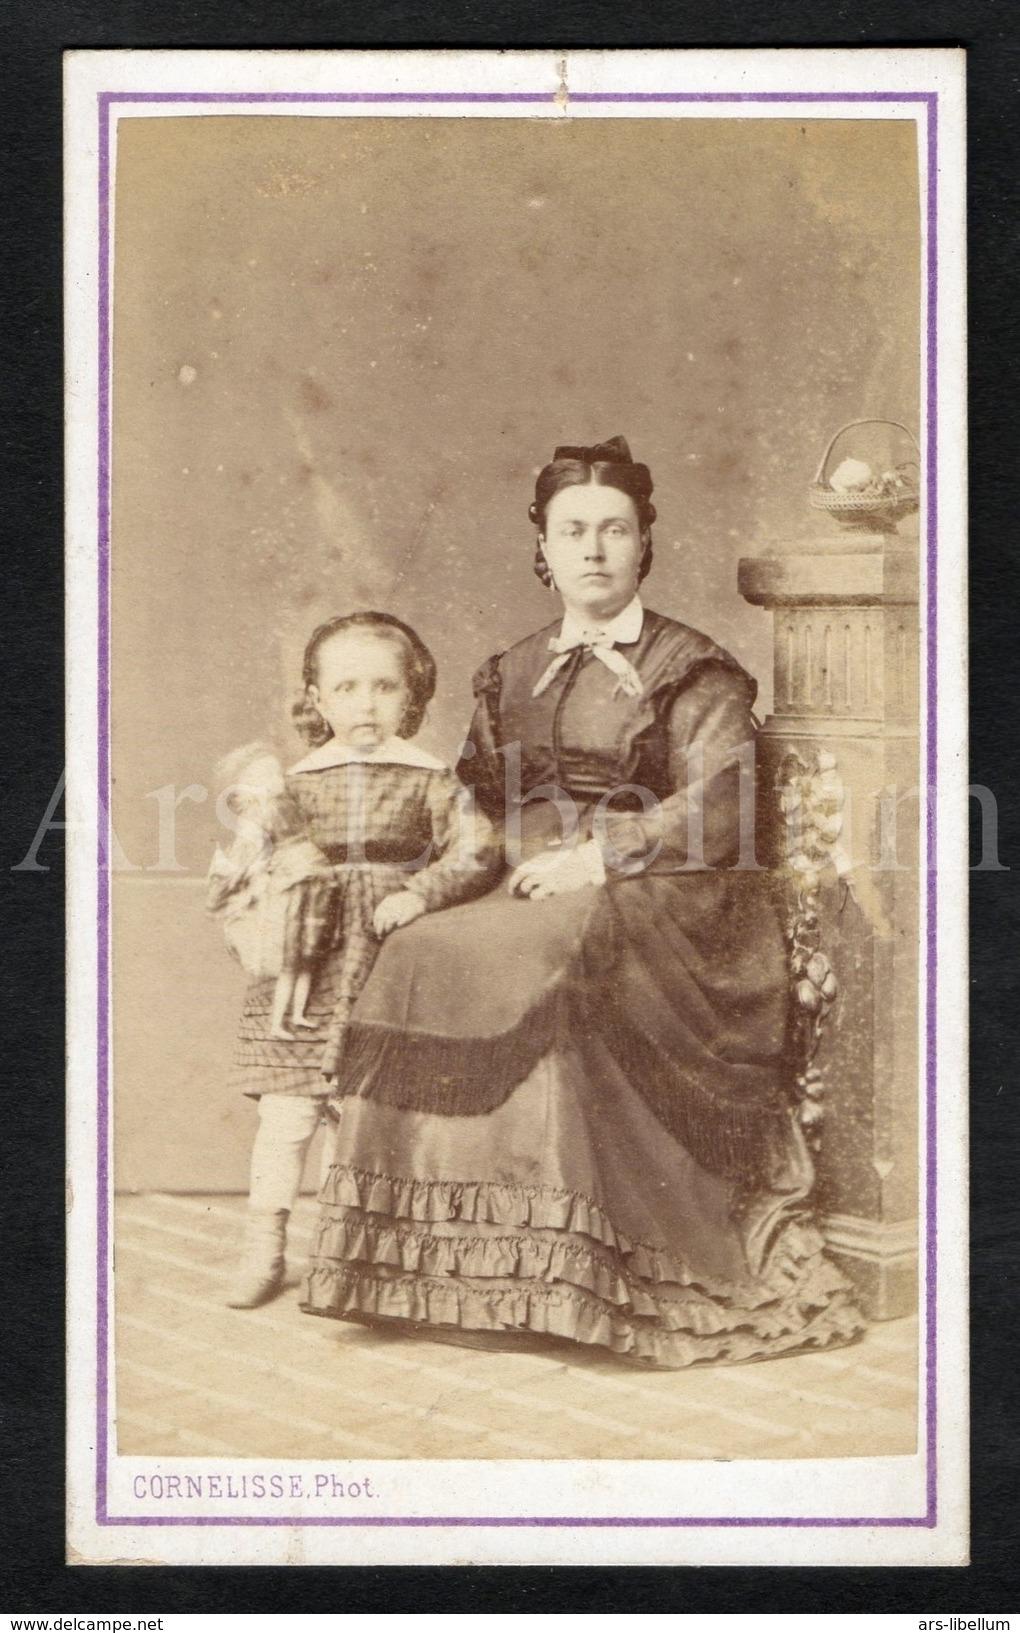 Photo-carte De Visite / CDV / W / Foto / Fille / Girl / Femme / Woman / Doll / Pop / Photo Cornelisse / Bruxelles - Photos